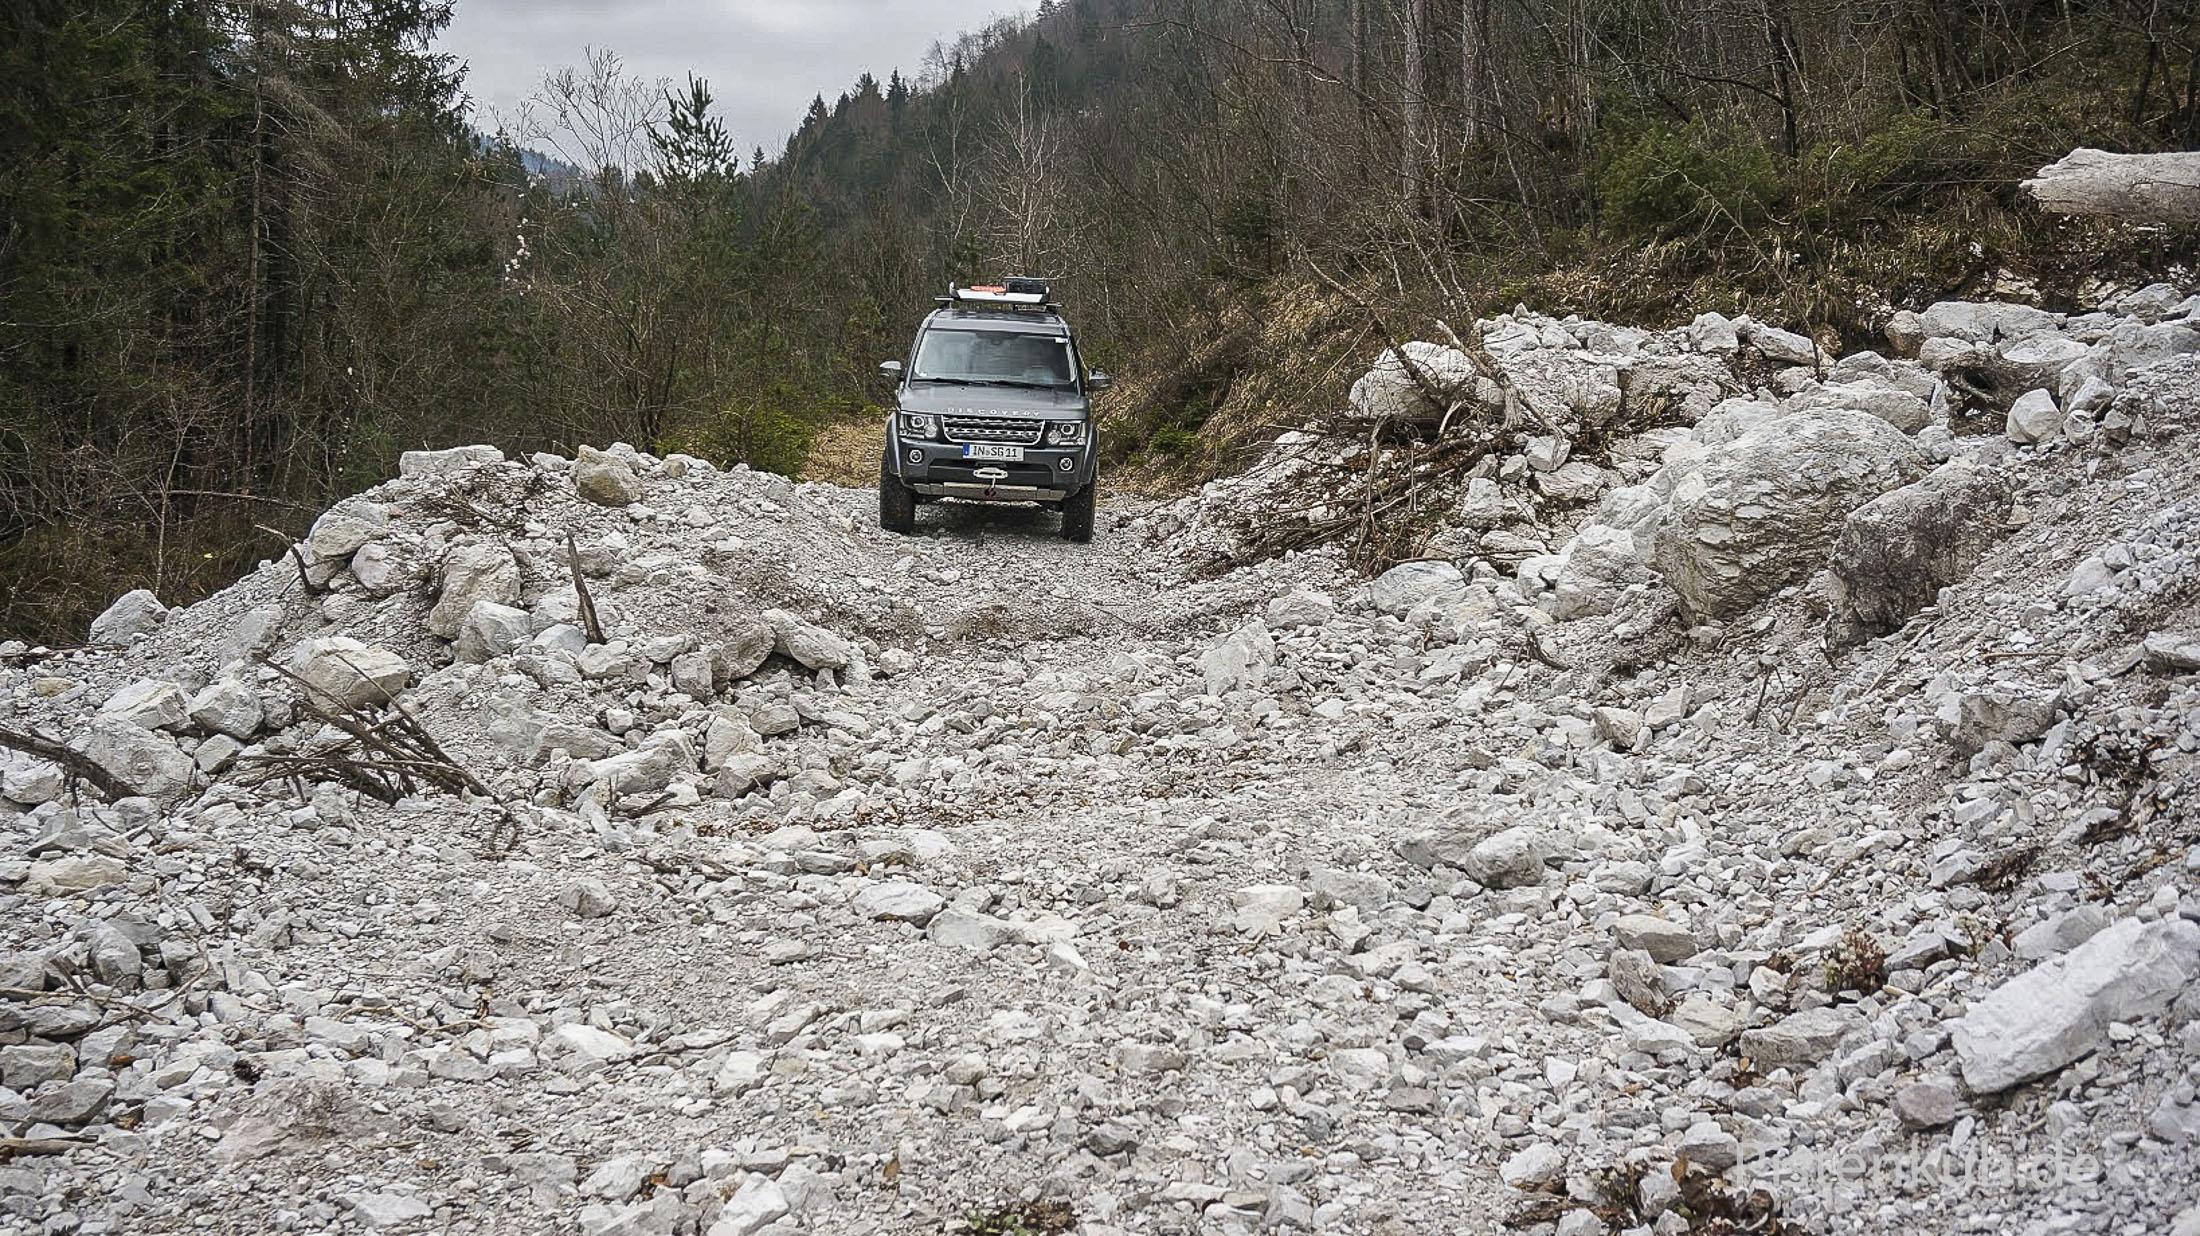 Mit dem Discovery im Gebirge unterwegs